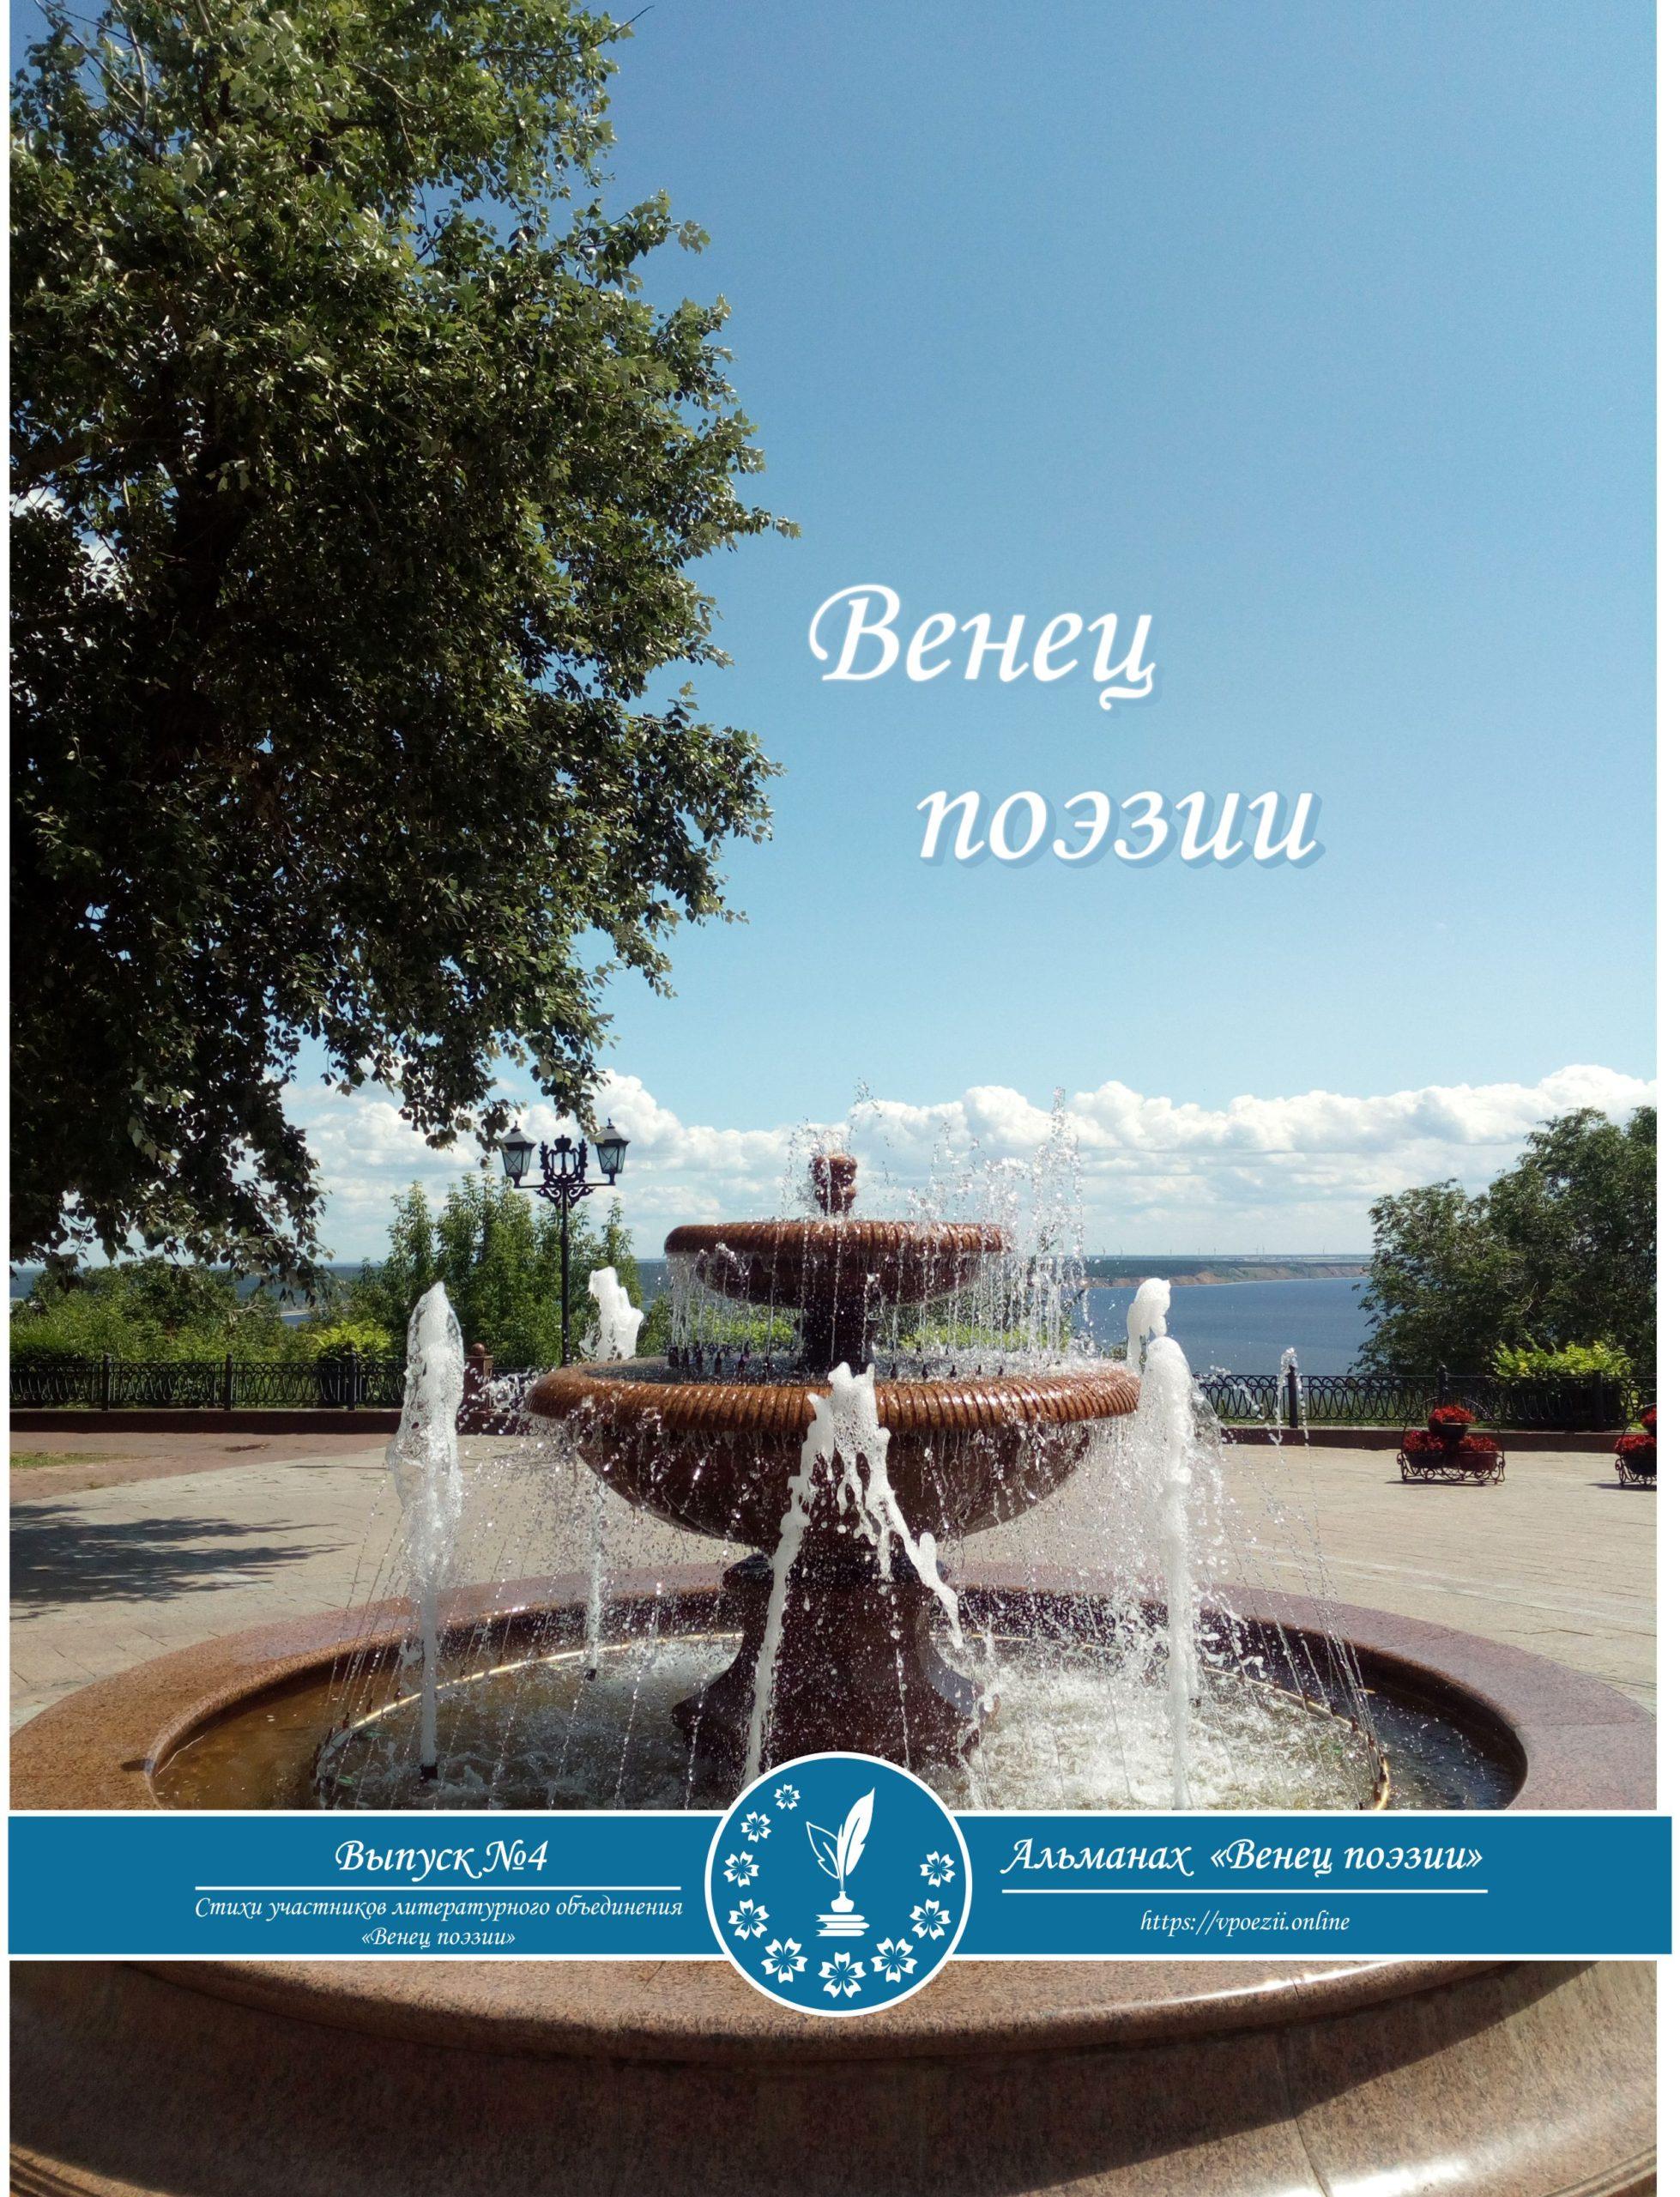 Альманах «Венец поэзии». Выпуск №4.